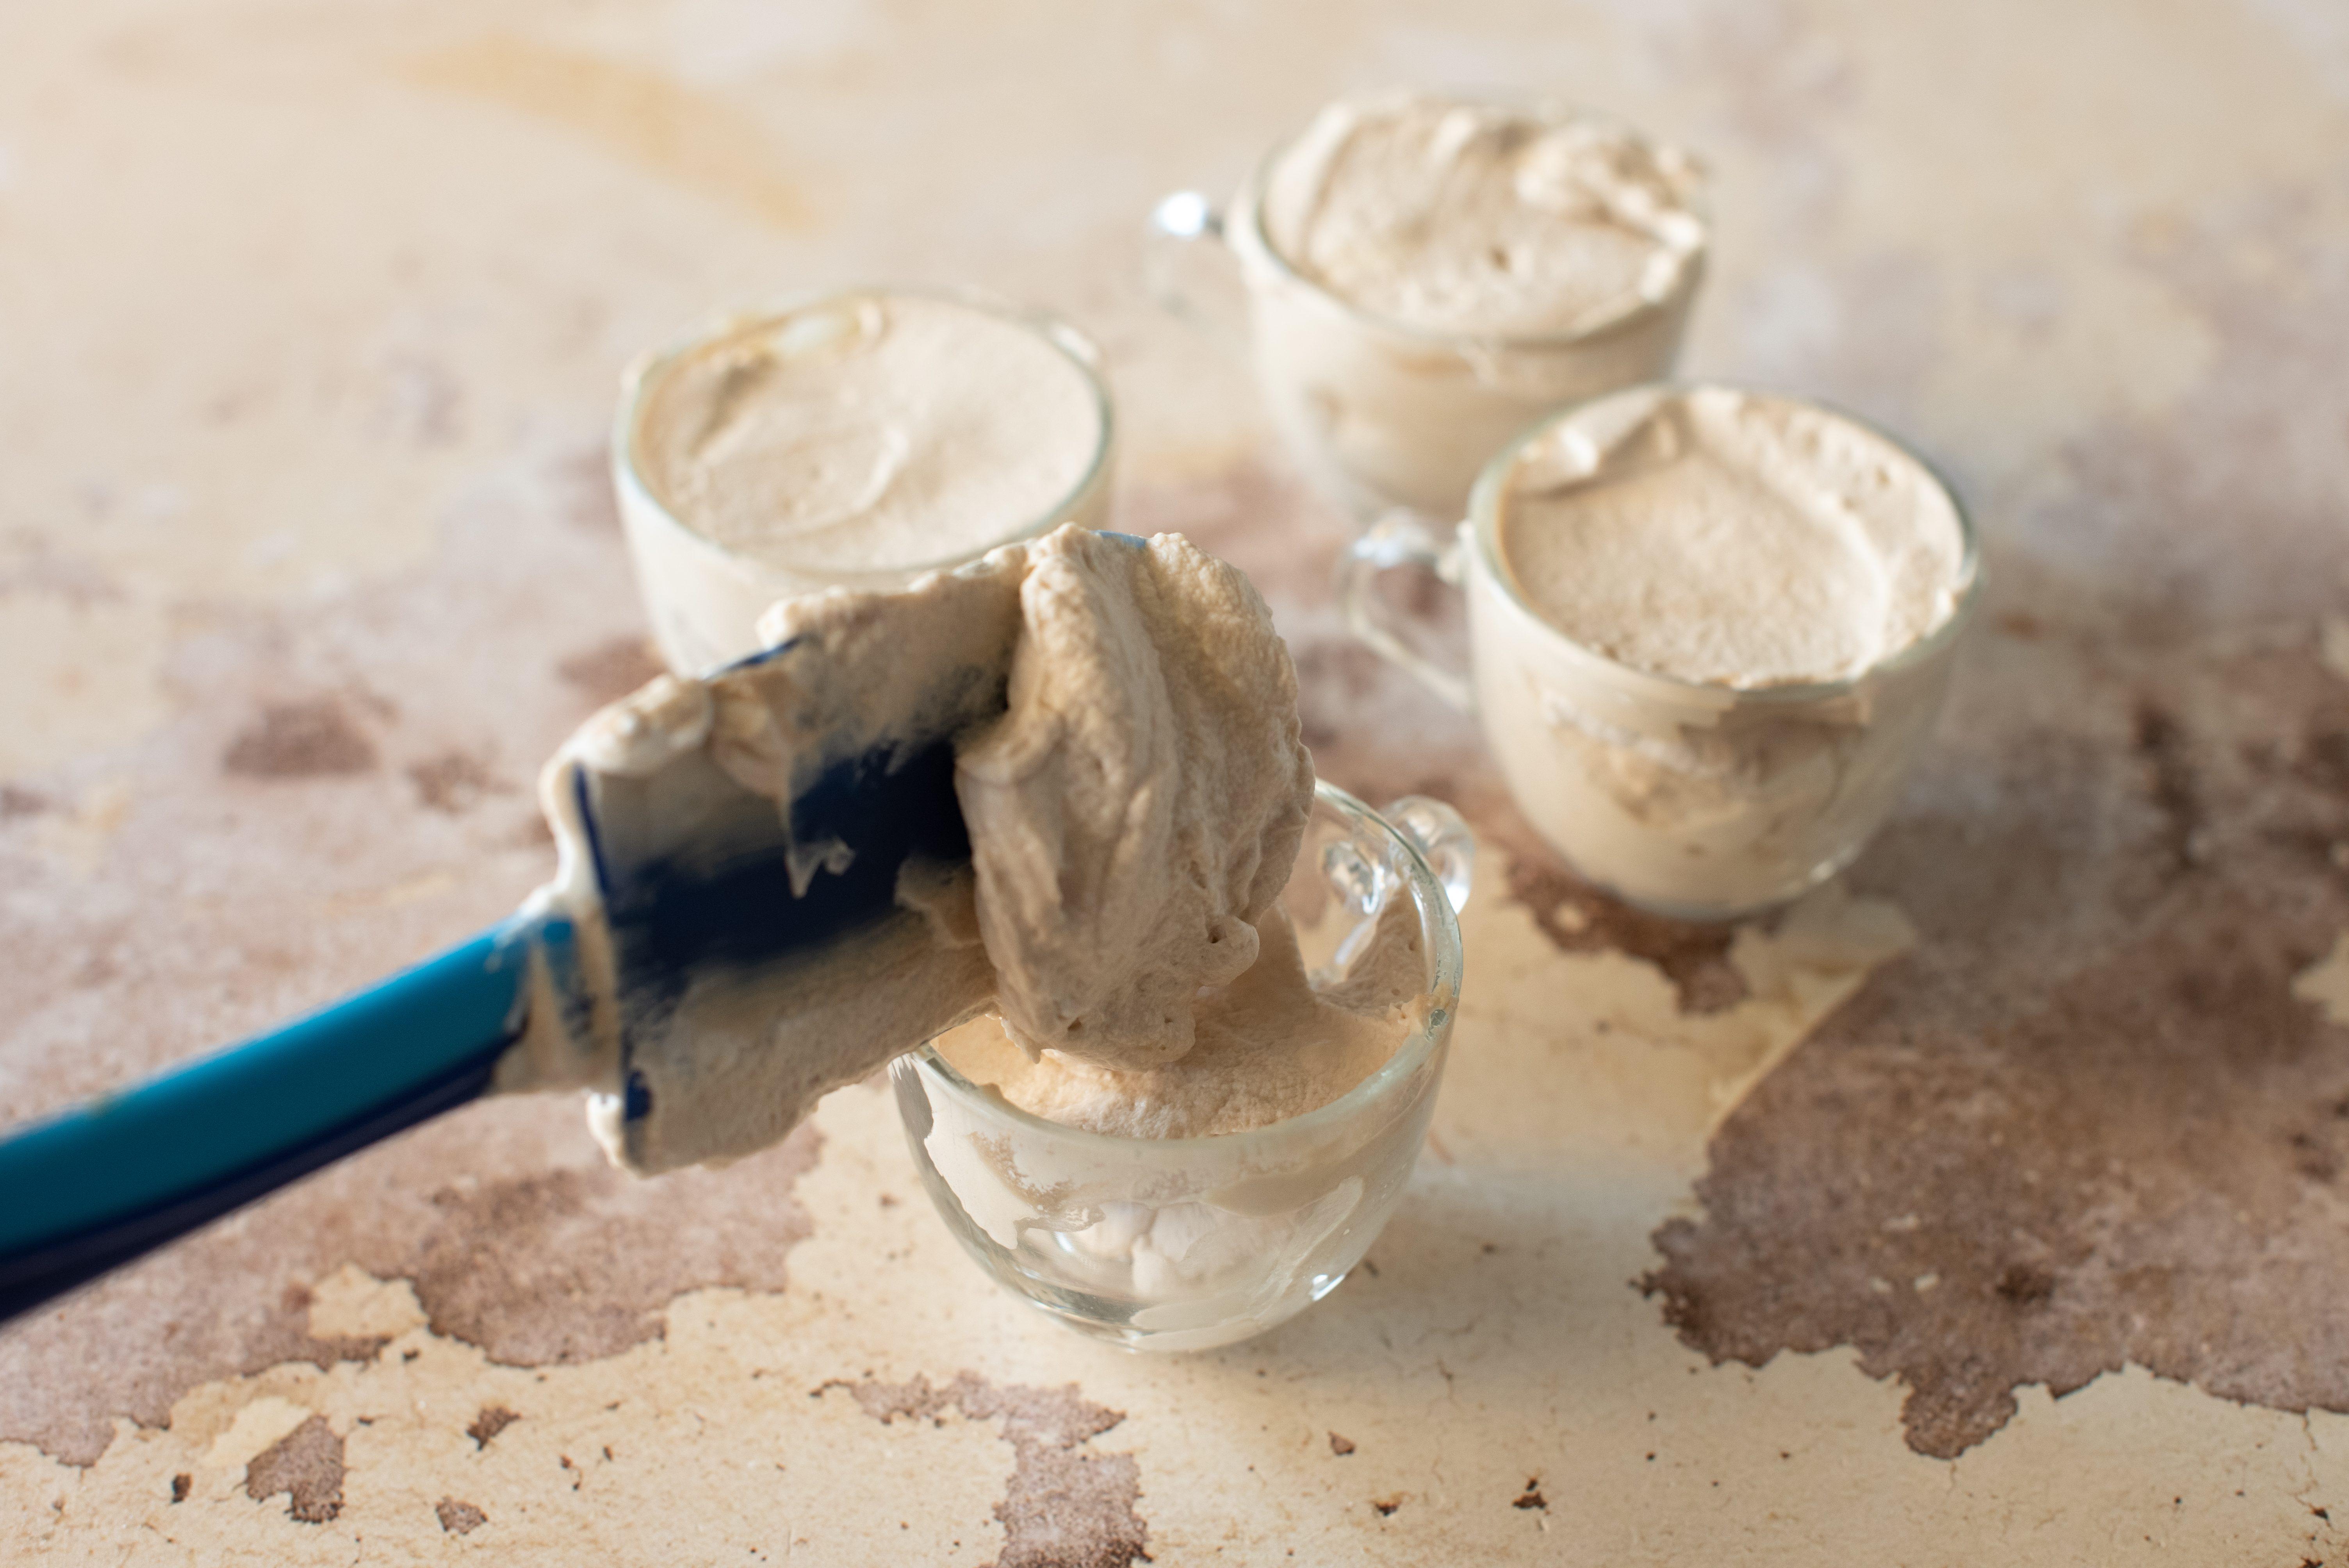 Crema caffè e mascarpone, mettere la crema nei bicchieri